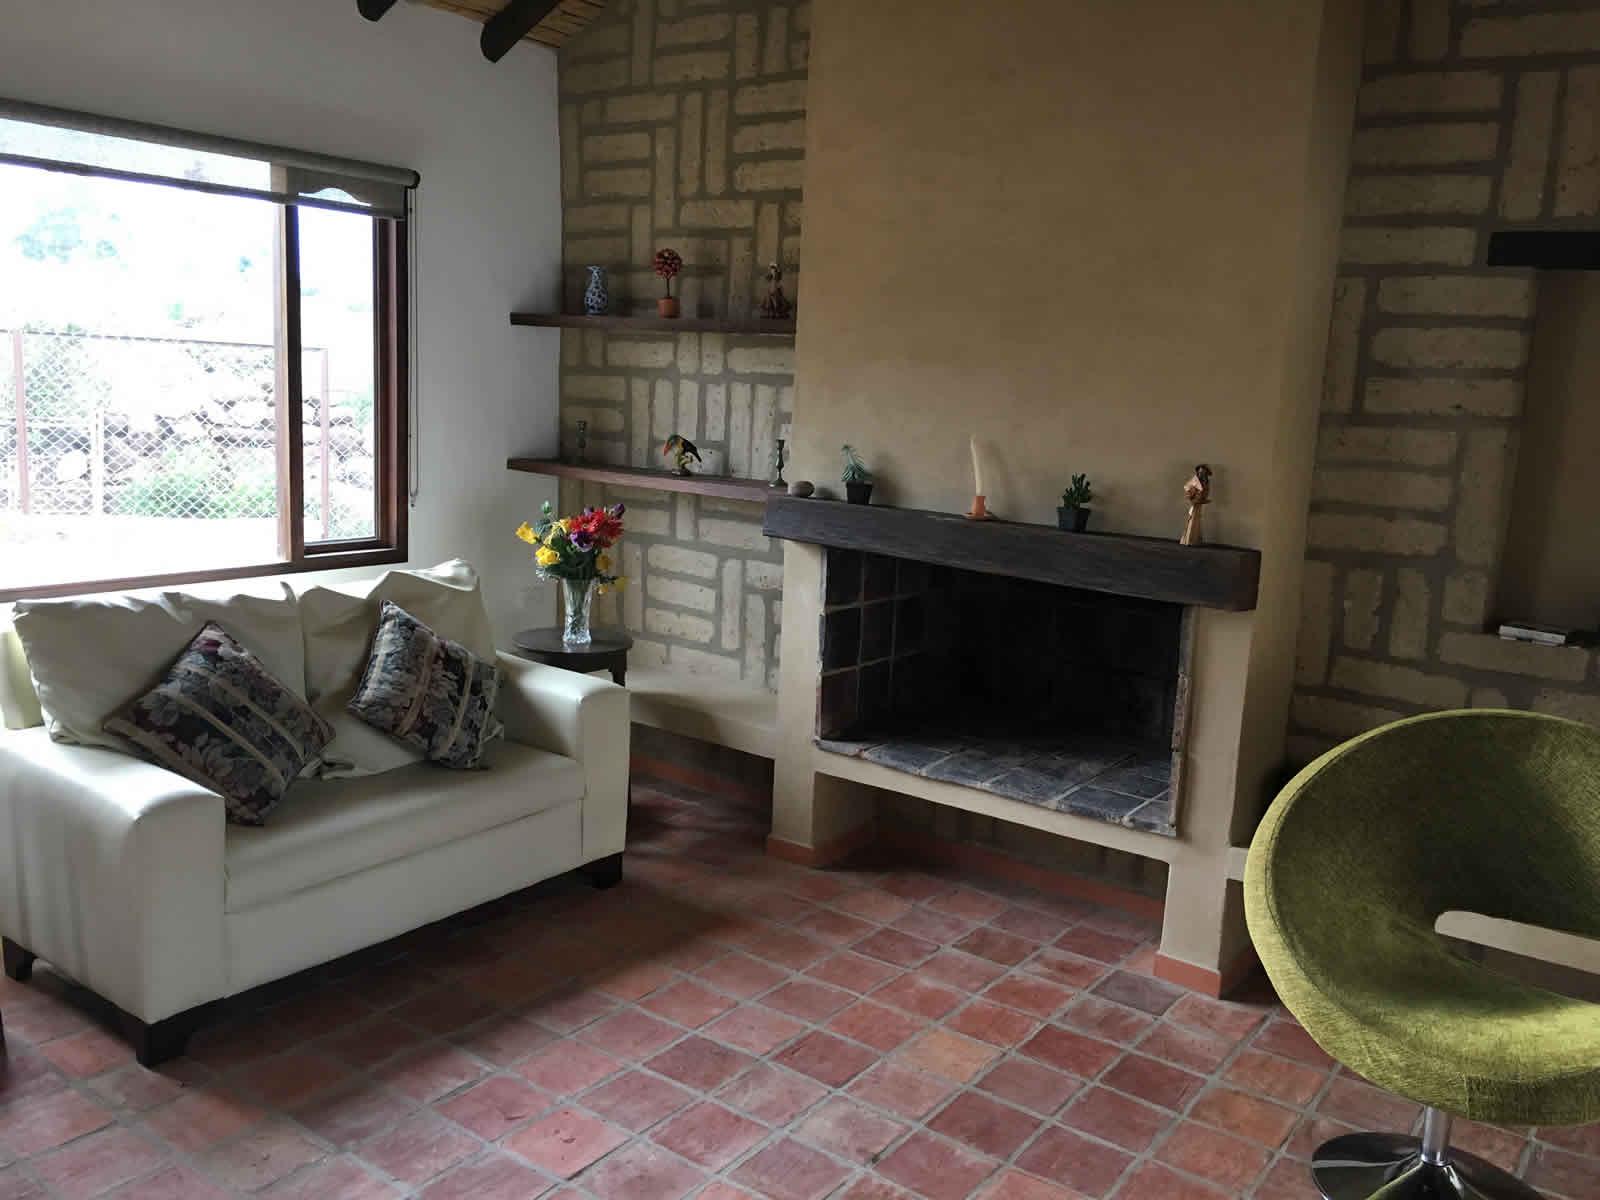 Alquiler casa El Silencio en Villa de Leyva - chimenea